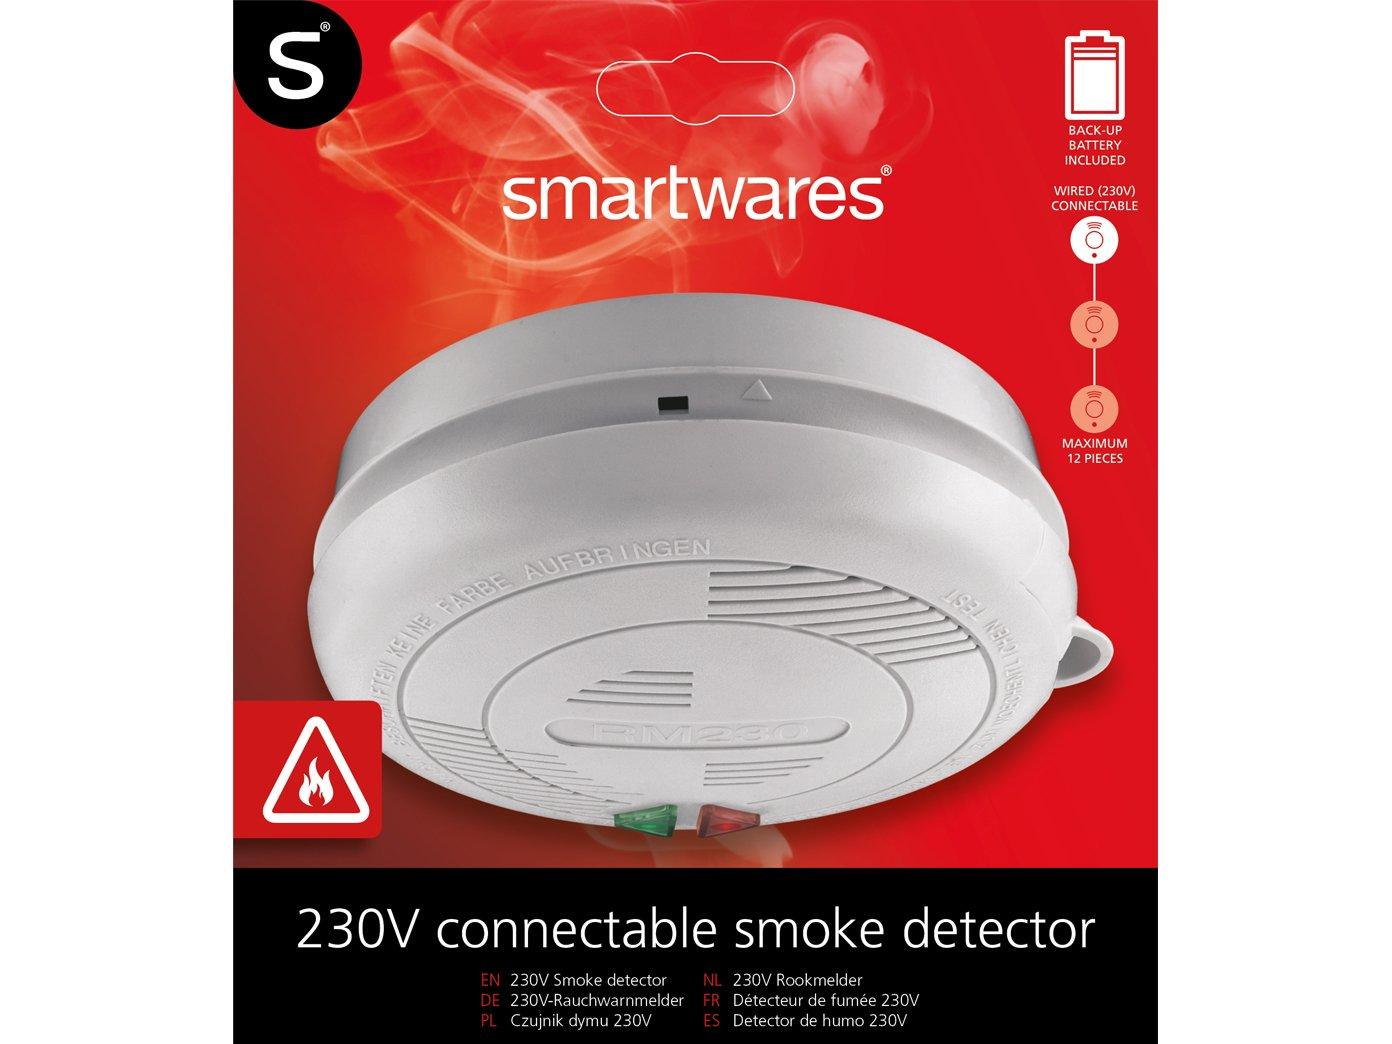 Juego de 10 reticulables/koppelbare Detector de humo con conexión de 230 V + Seguridad batería: Amazon.es: Bricolaje y herramientas